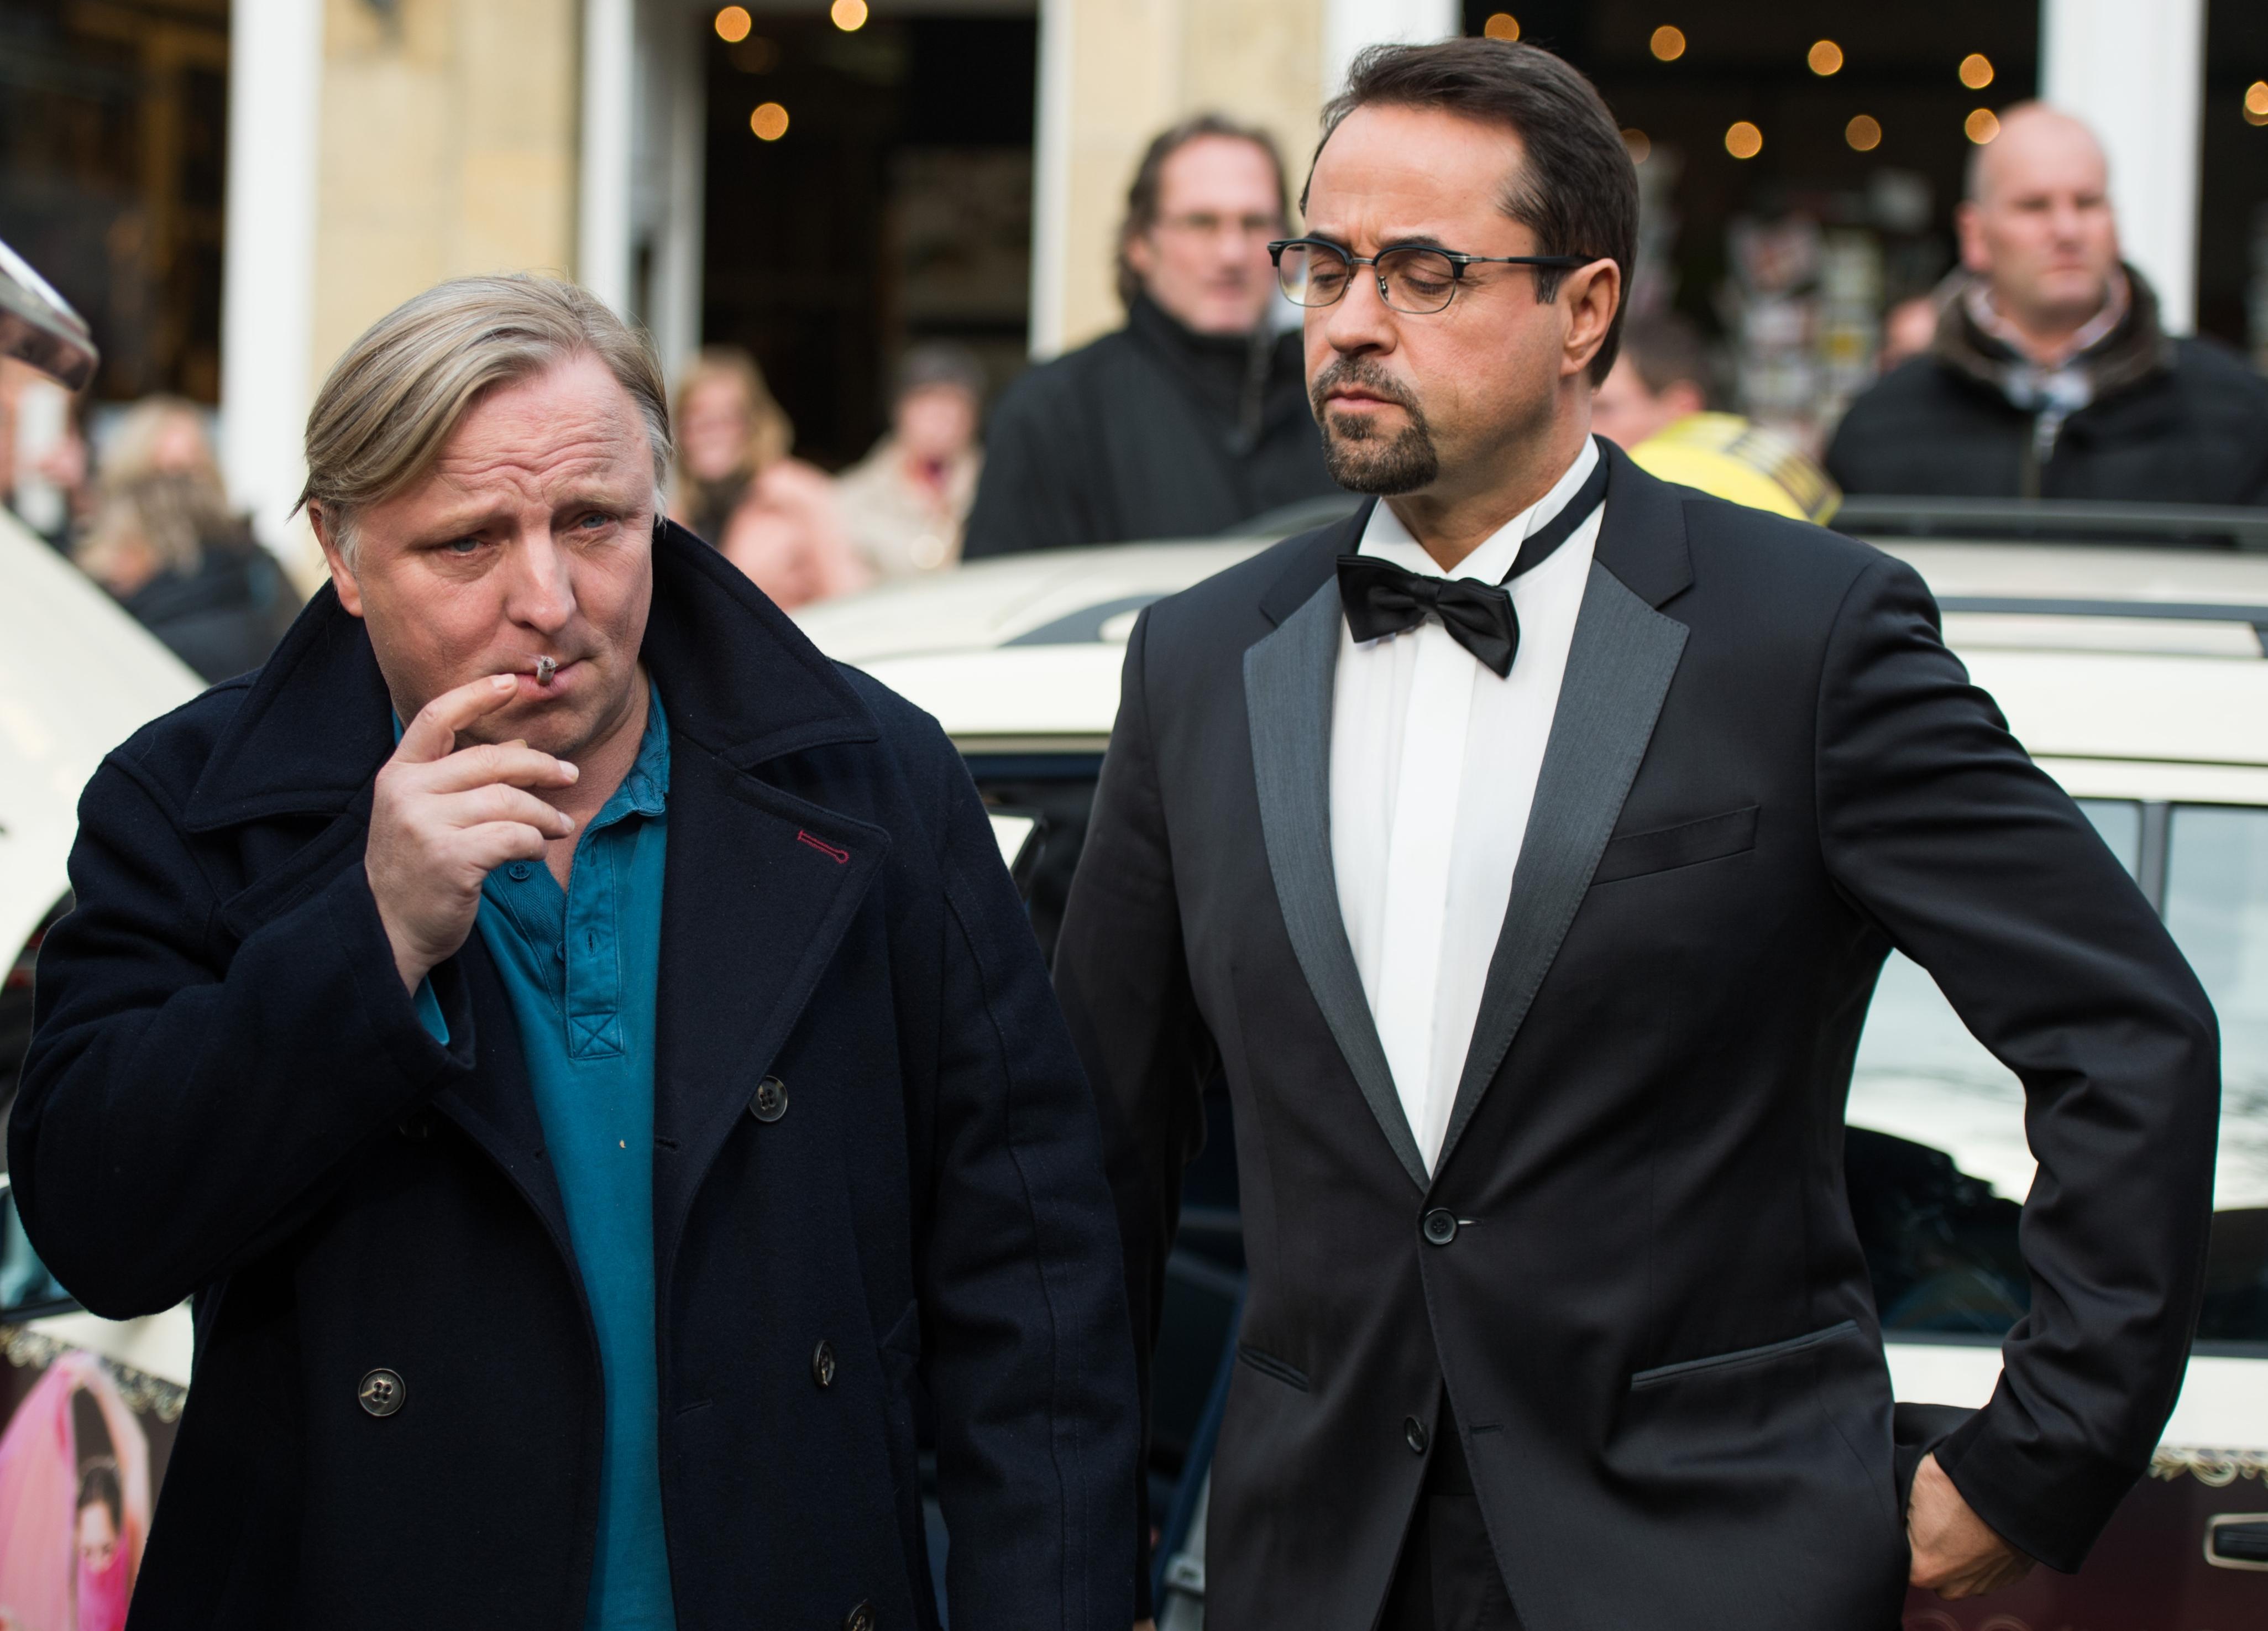 Die Schauspieler Axel Prahl (Kommissar Frank Thiel, l) und Jan Josef Liefers (Prof. Karl-Friedrich Boerne) posieren am 05.11.